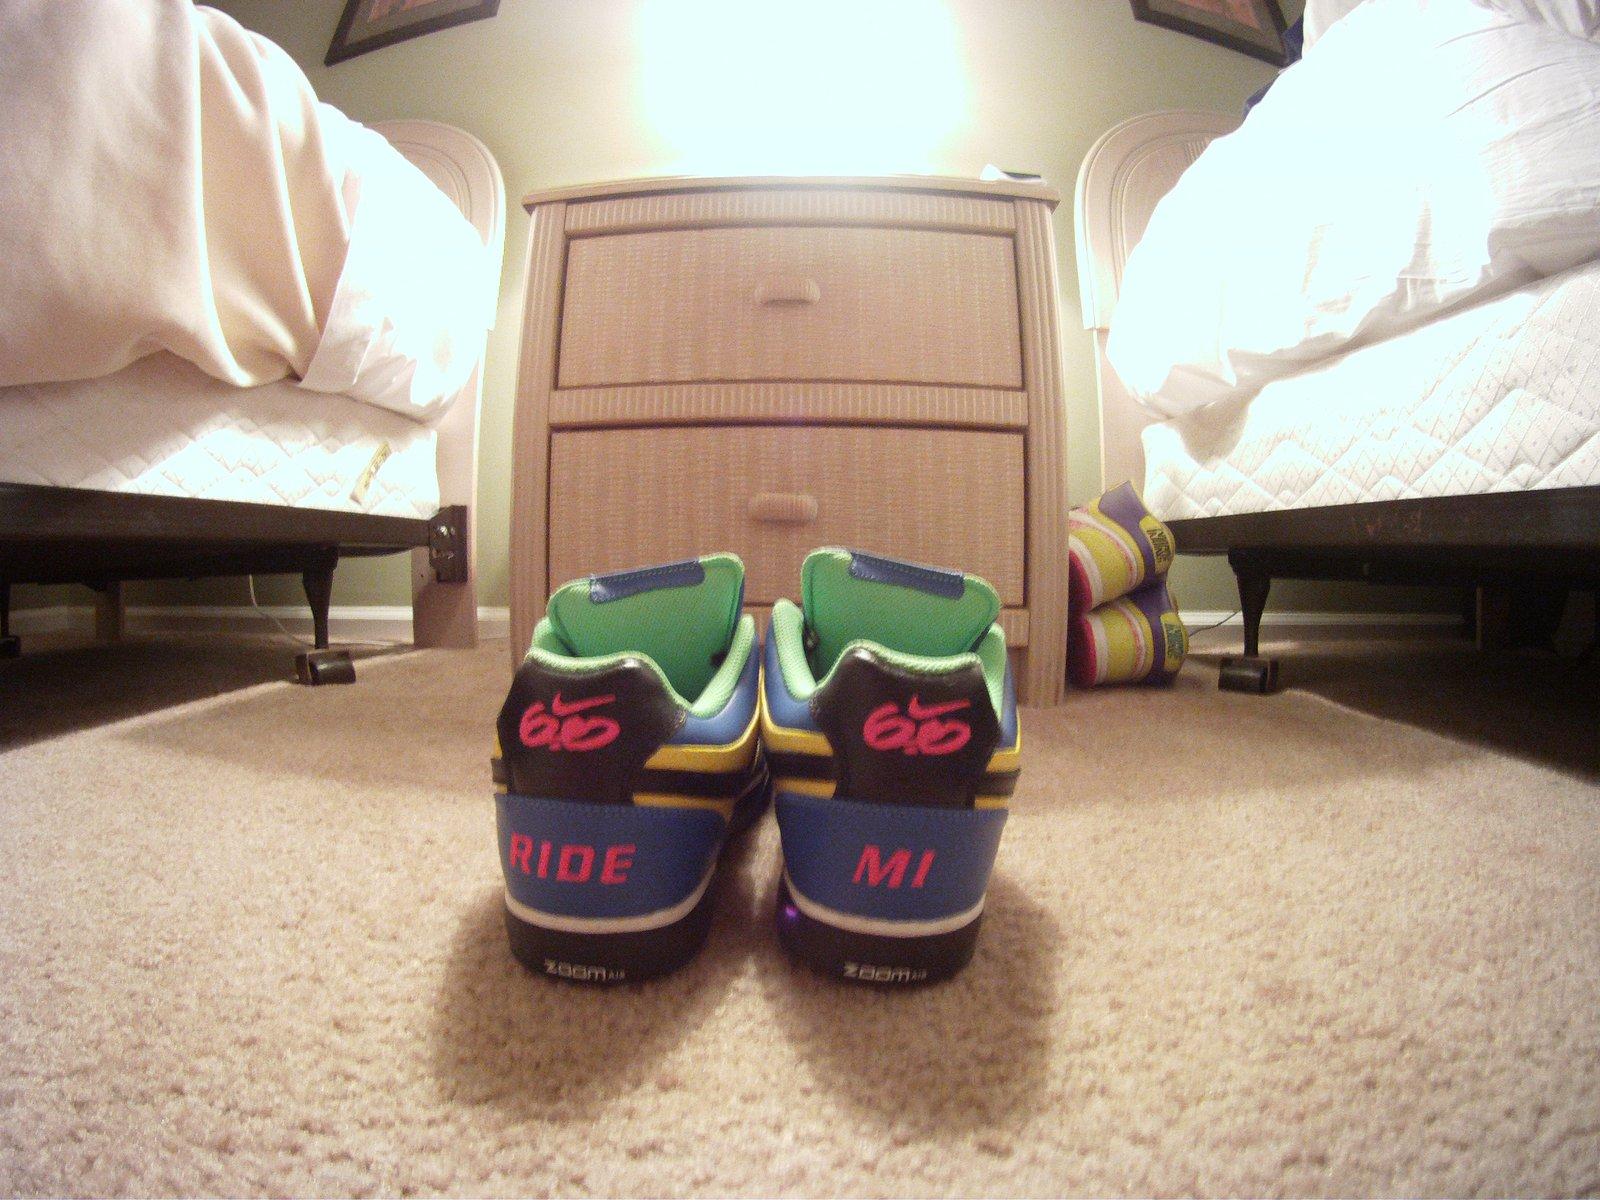 Nike 6.0s